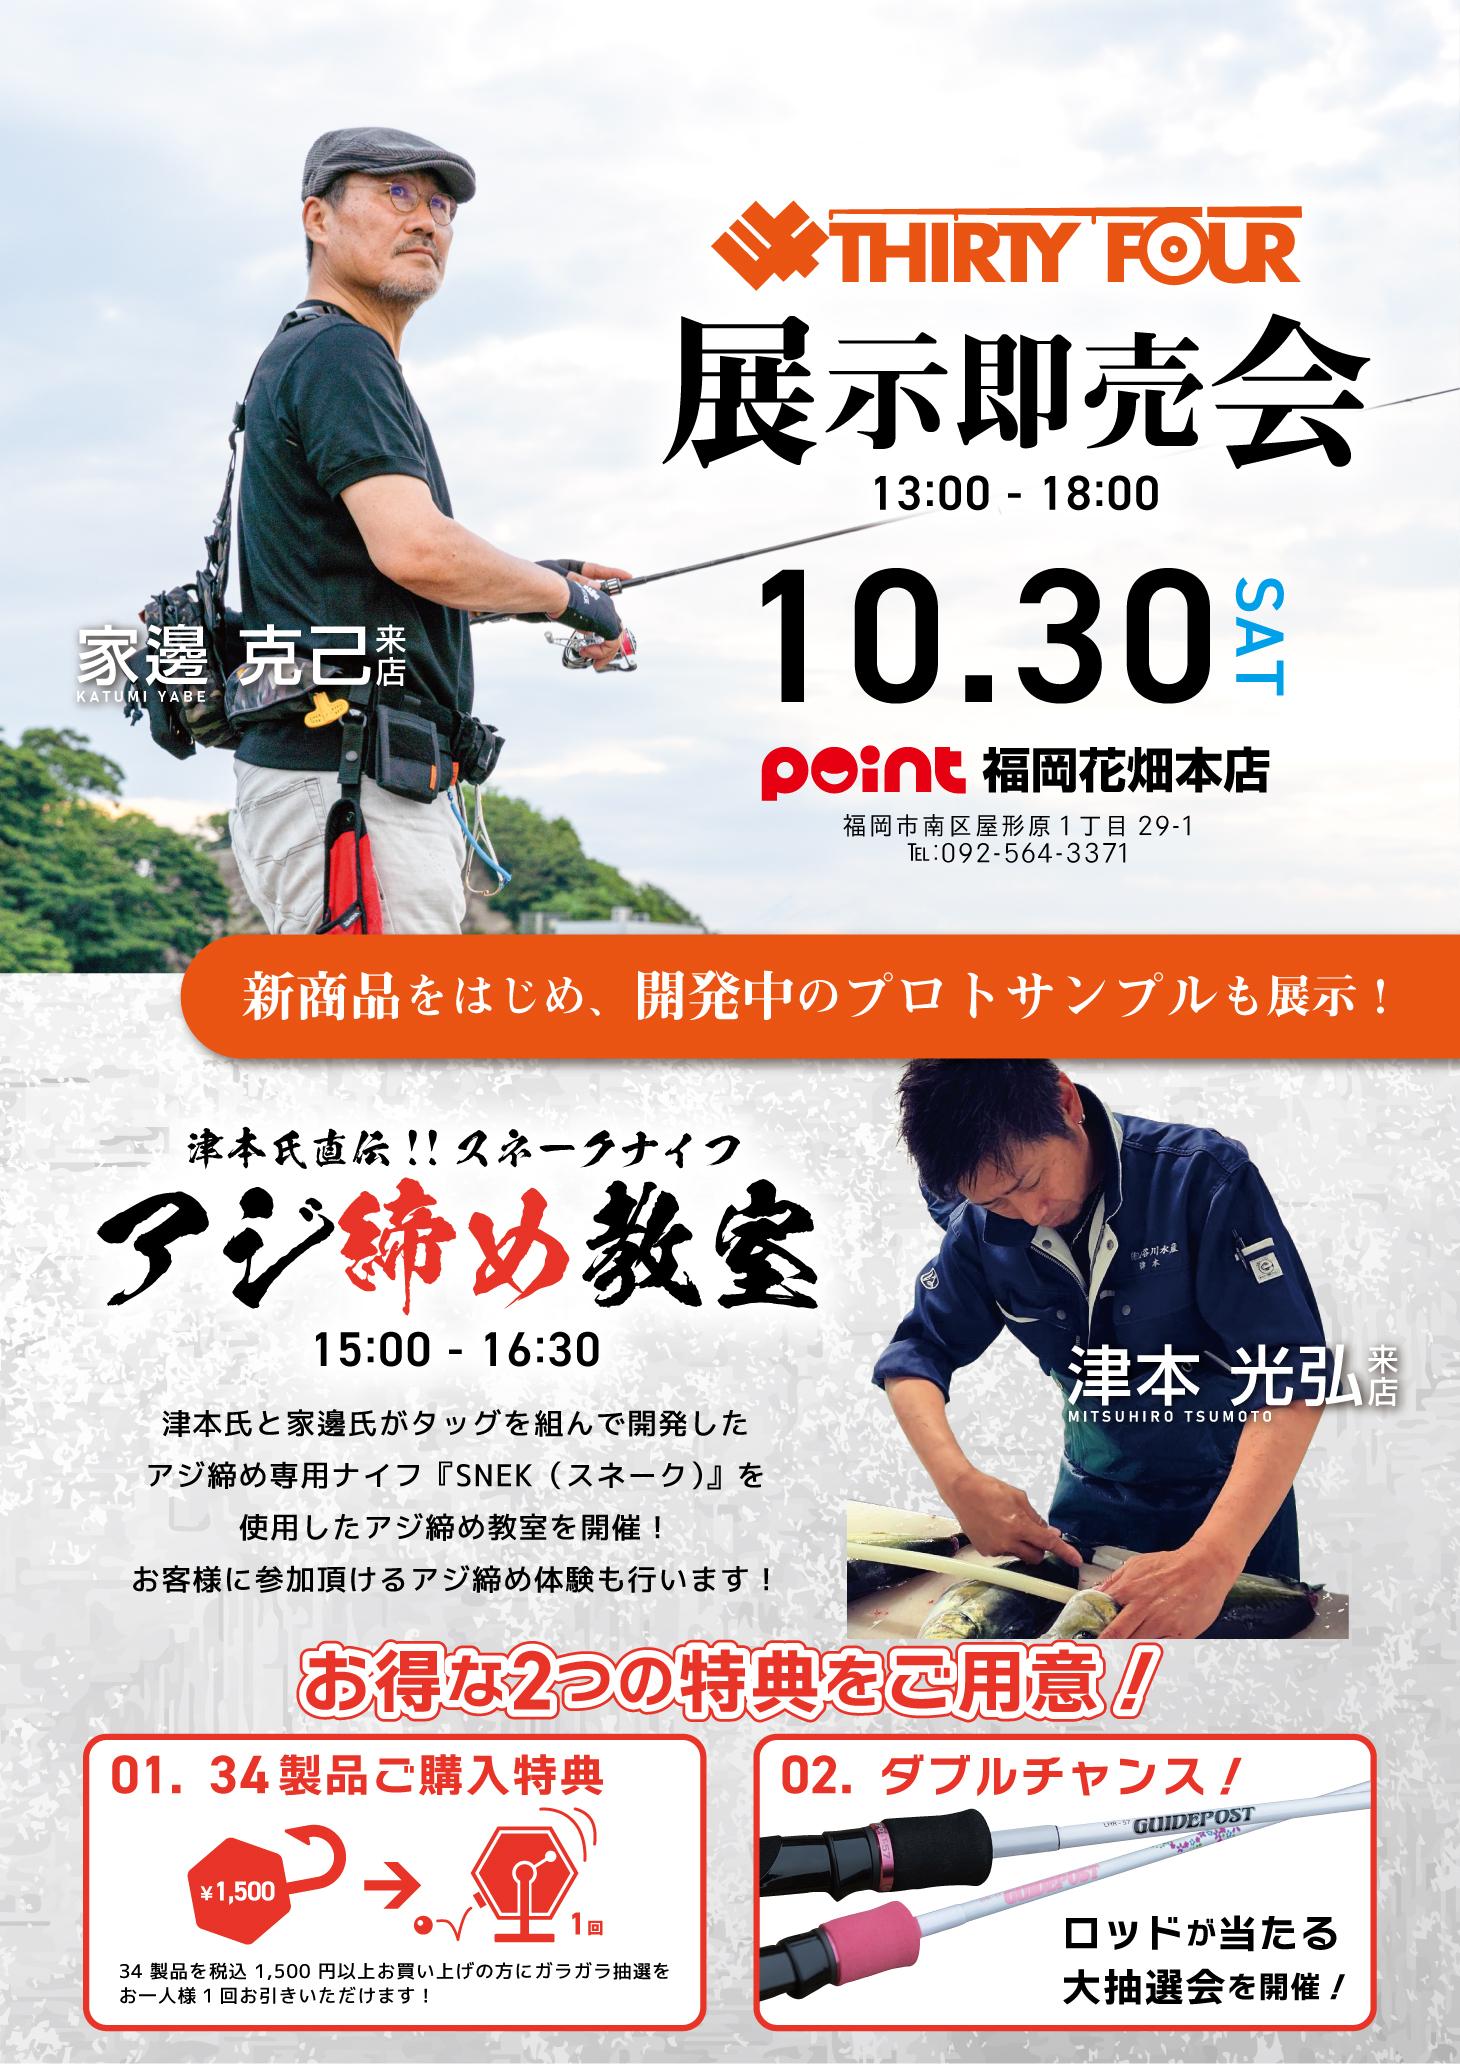 津本式×34展示即売会